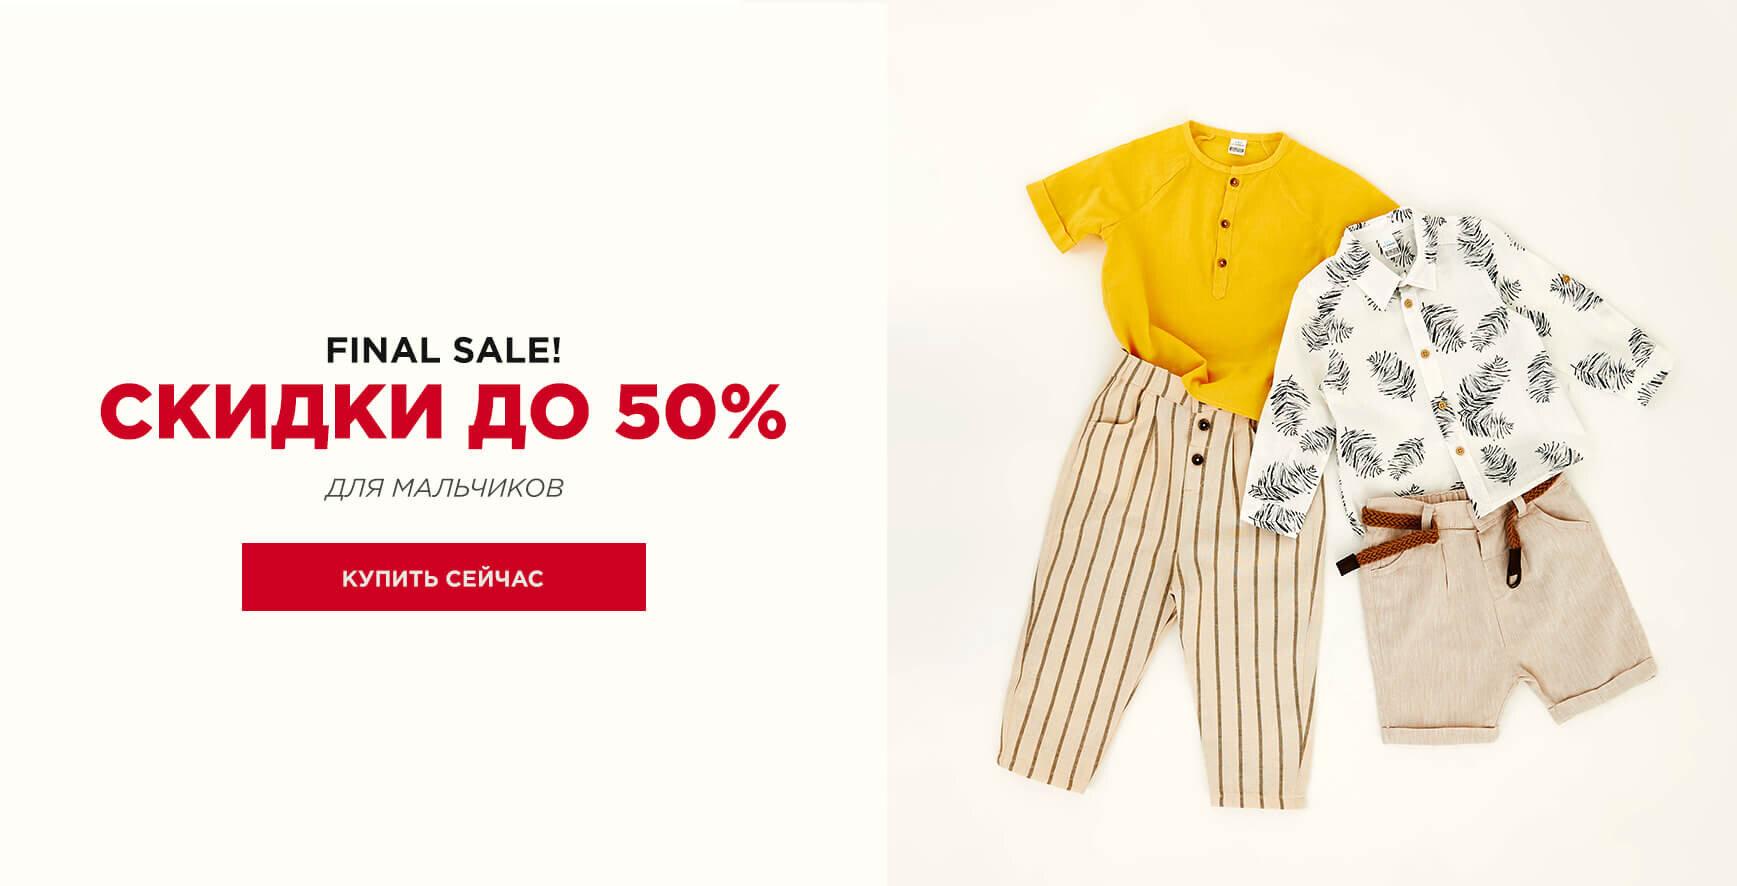 скидки на коллекцию одежды для мальчиков до 70%